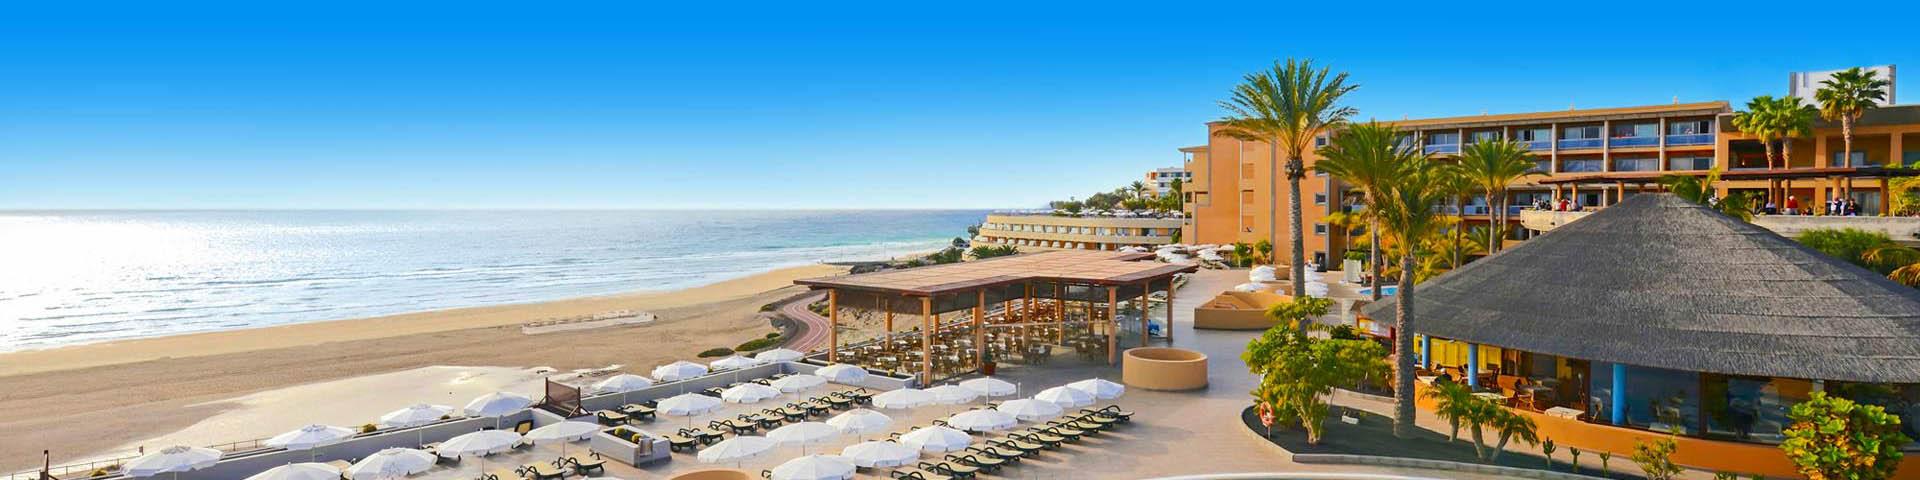 Uitzicht op het zandstrand, de zee en een hotel